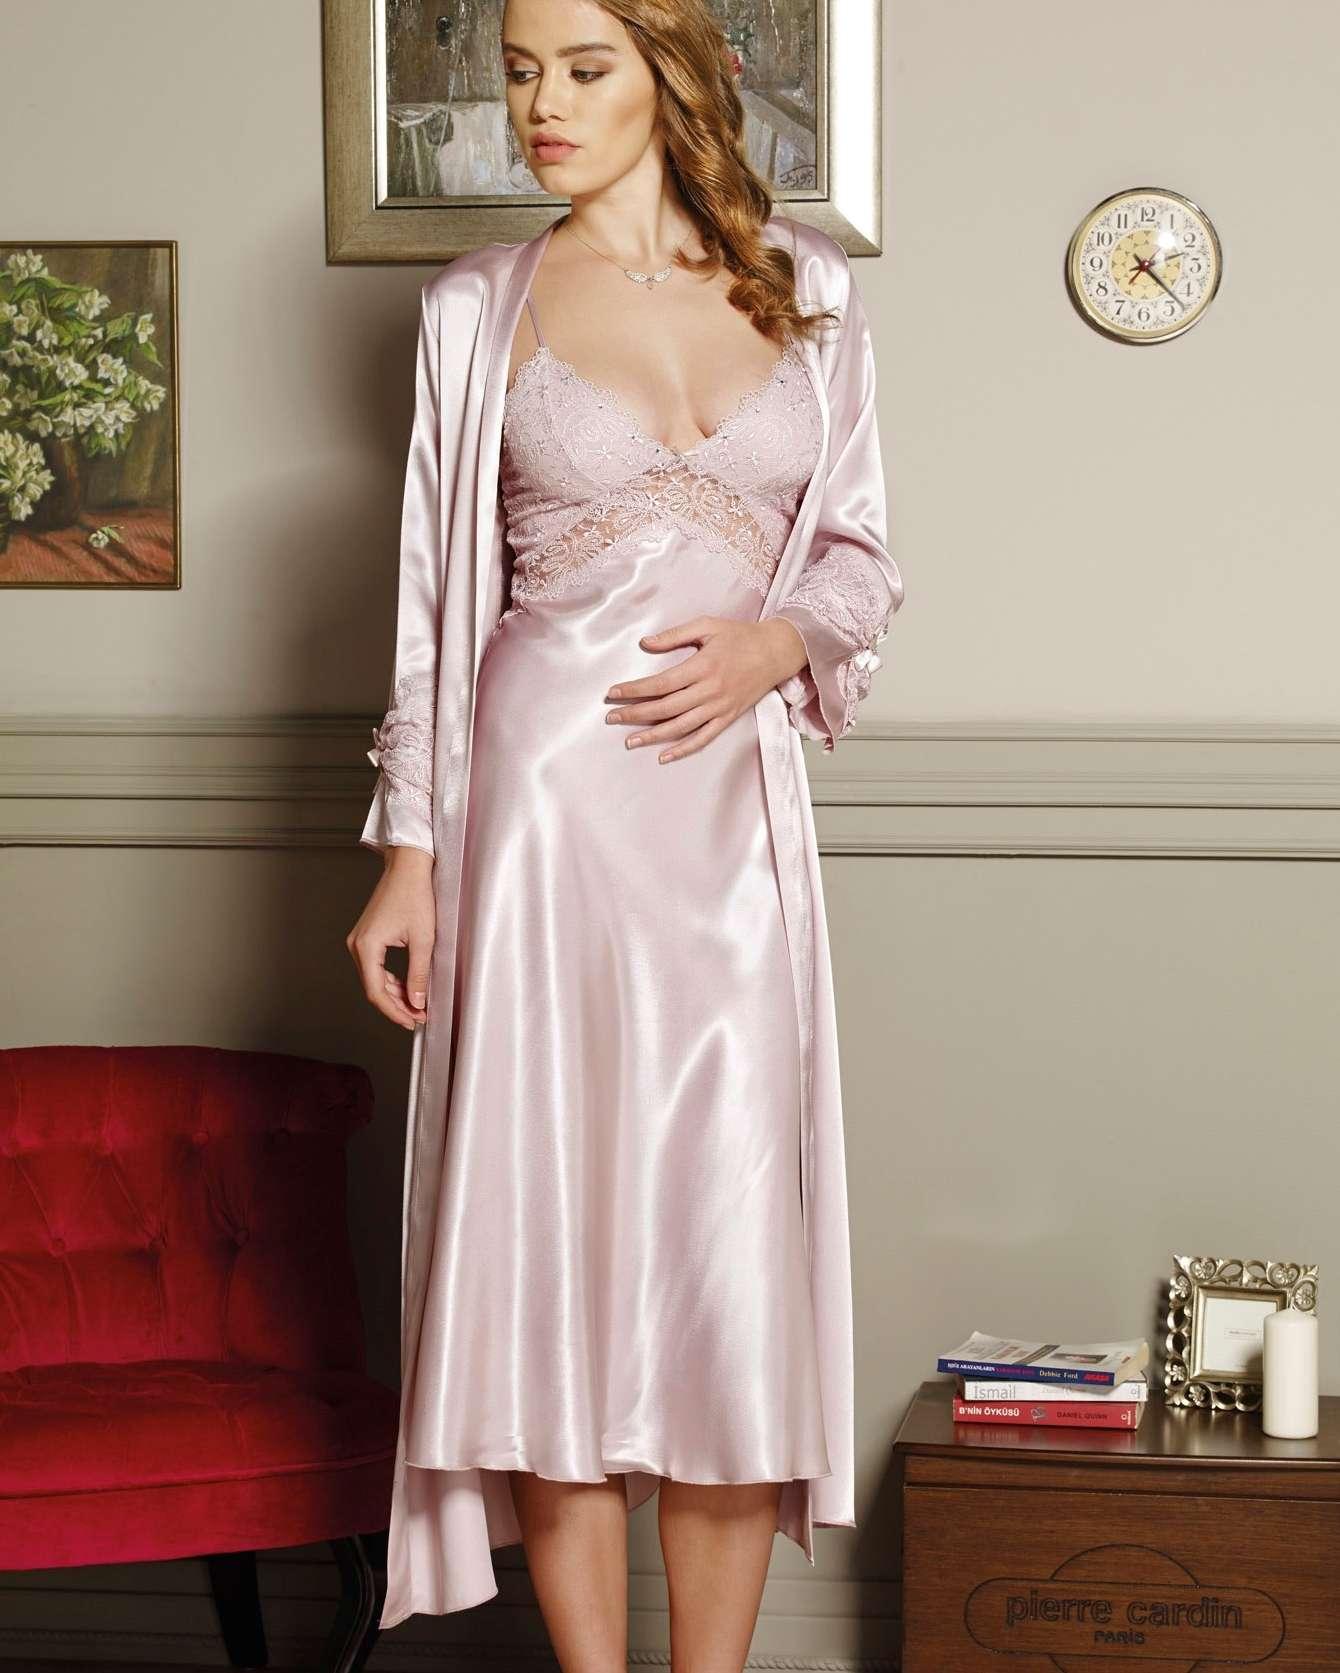 Pierre Cardin iç giyim Çeyizlik 6lı Saten Gecelik, Pijama, Sabahlık ve Şort Takımı 6995